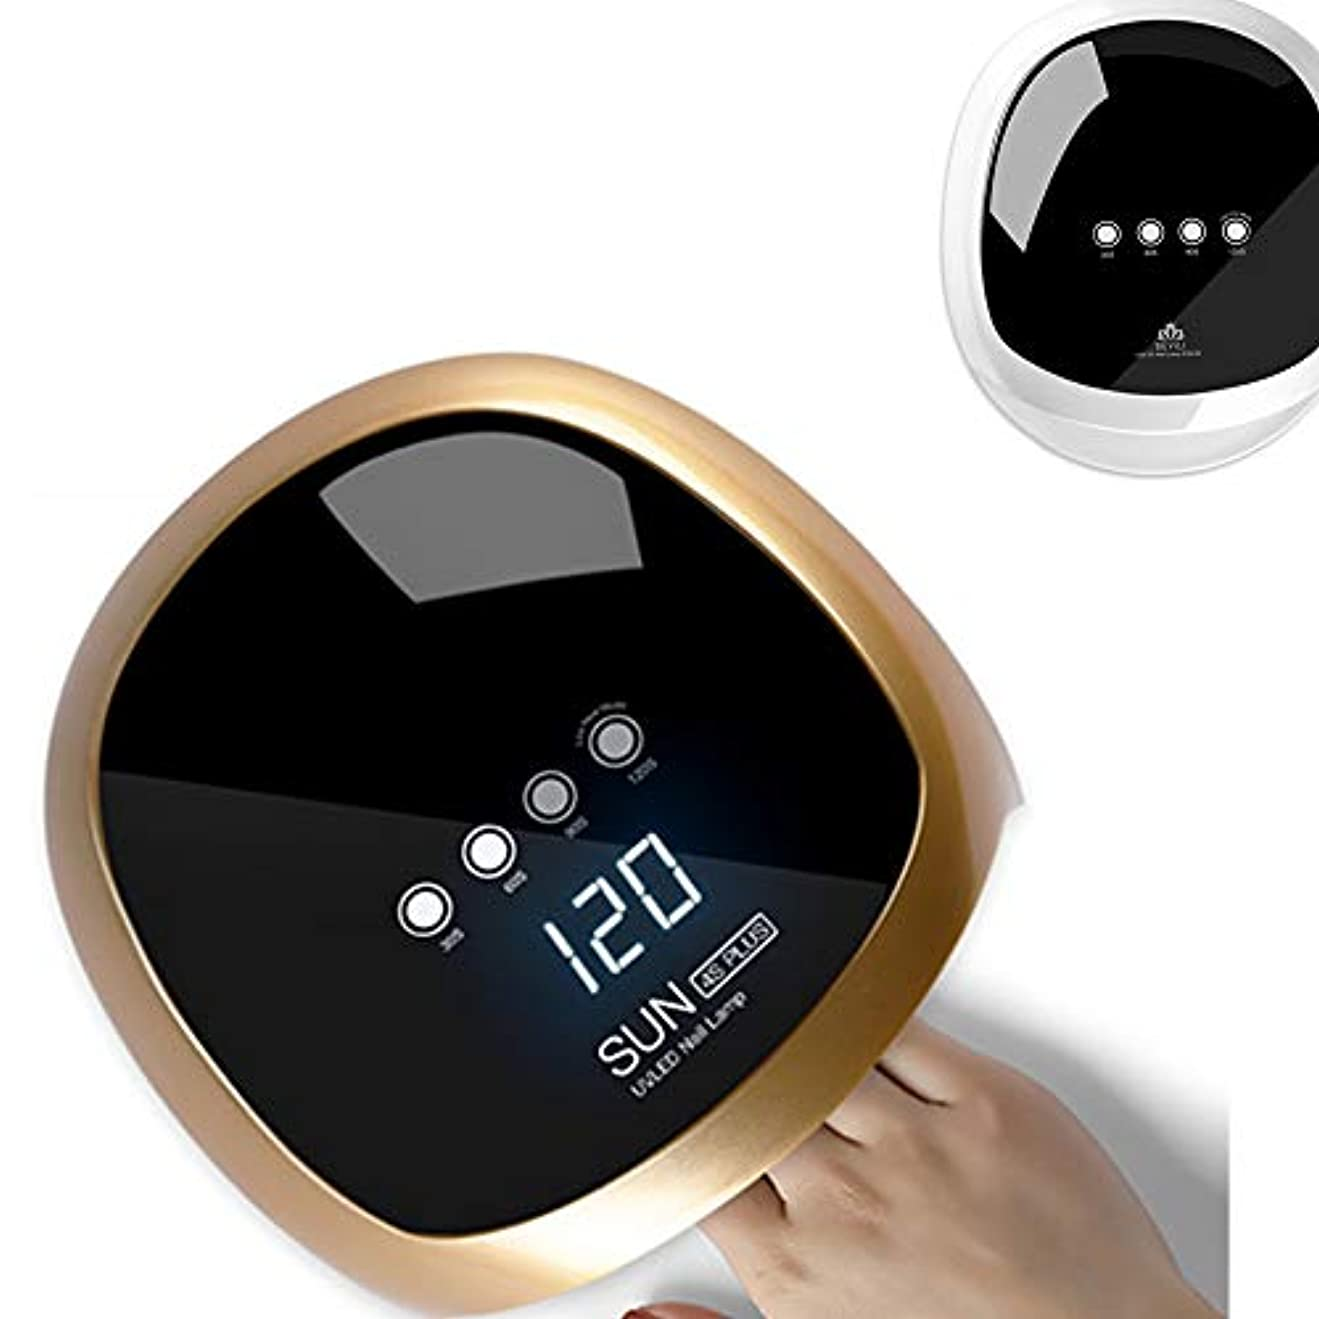 適切な予測子乞食ジェルネイル UV LED ライト ネイル ネイルドライヤー 赤外線検知 4段階タイマー設定可能 手足兼用 (Gold)